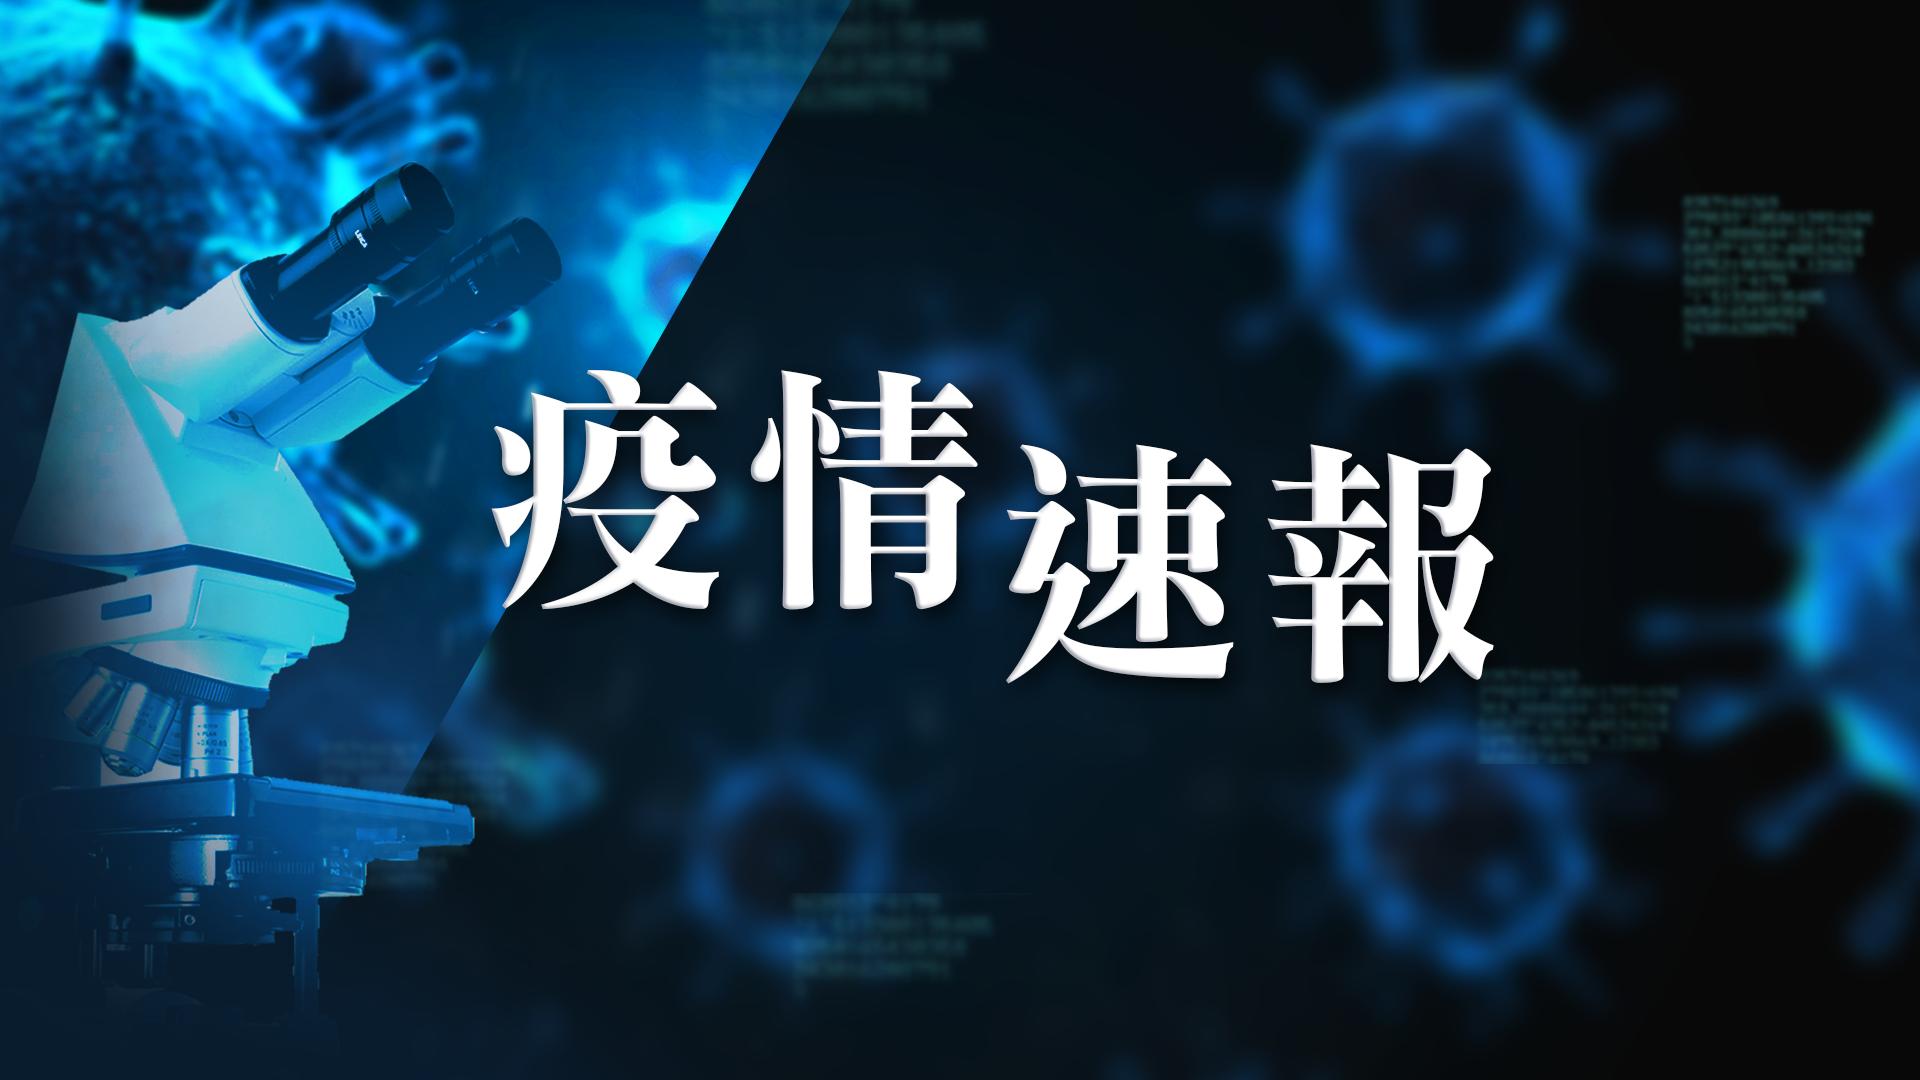 【8月7日疫情速報】(08:55)